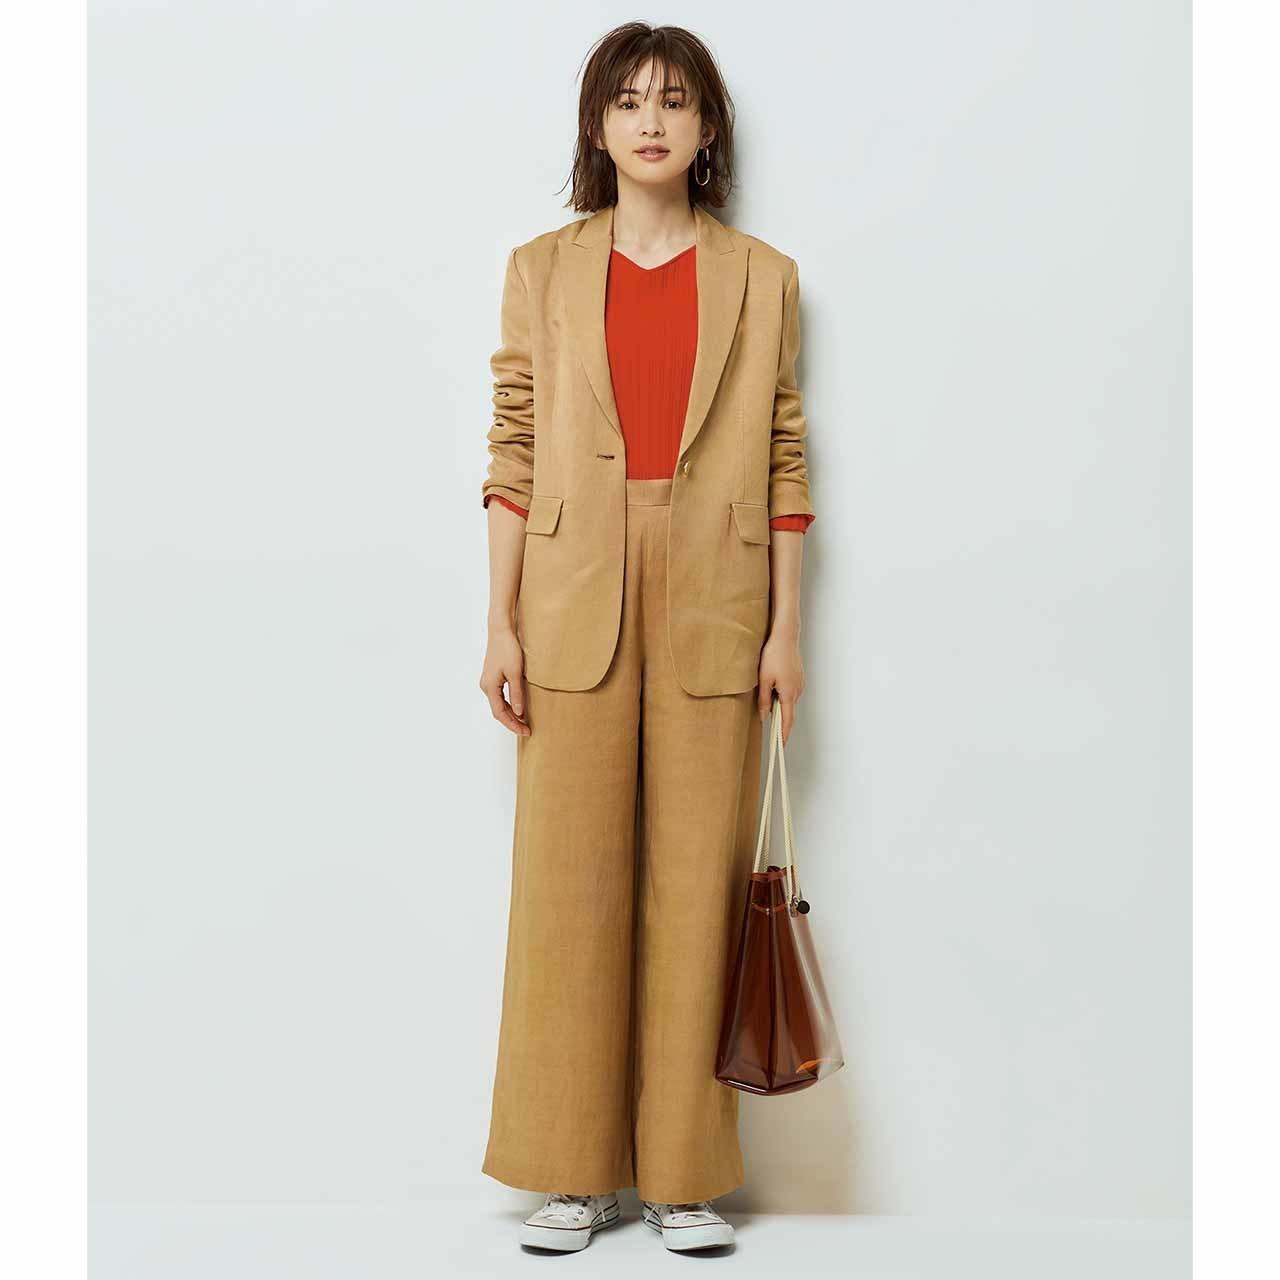 レリタージュのセットアップを着たモデルの高垣麗子さん